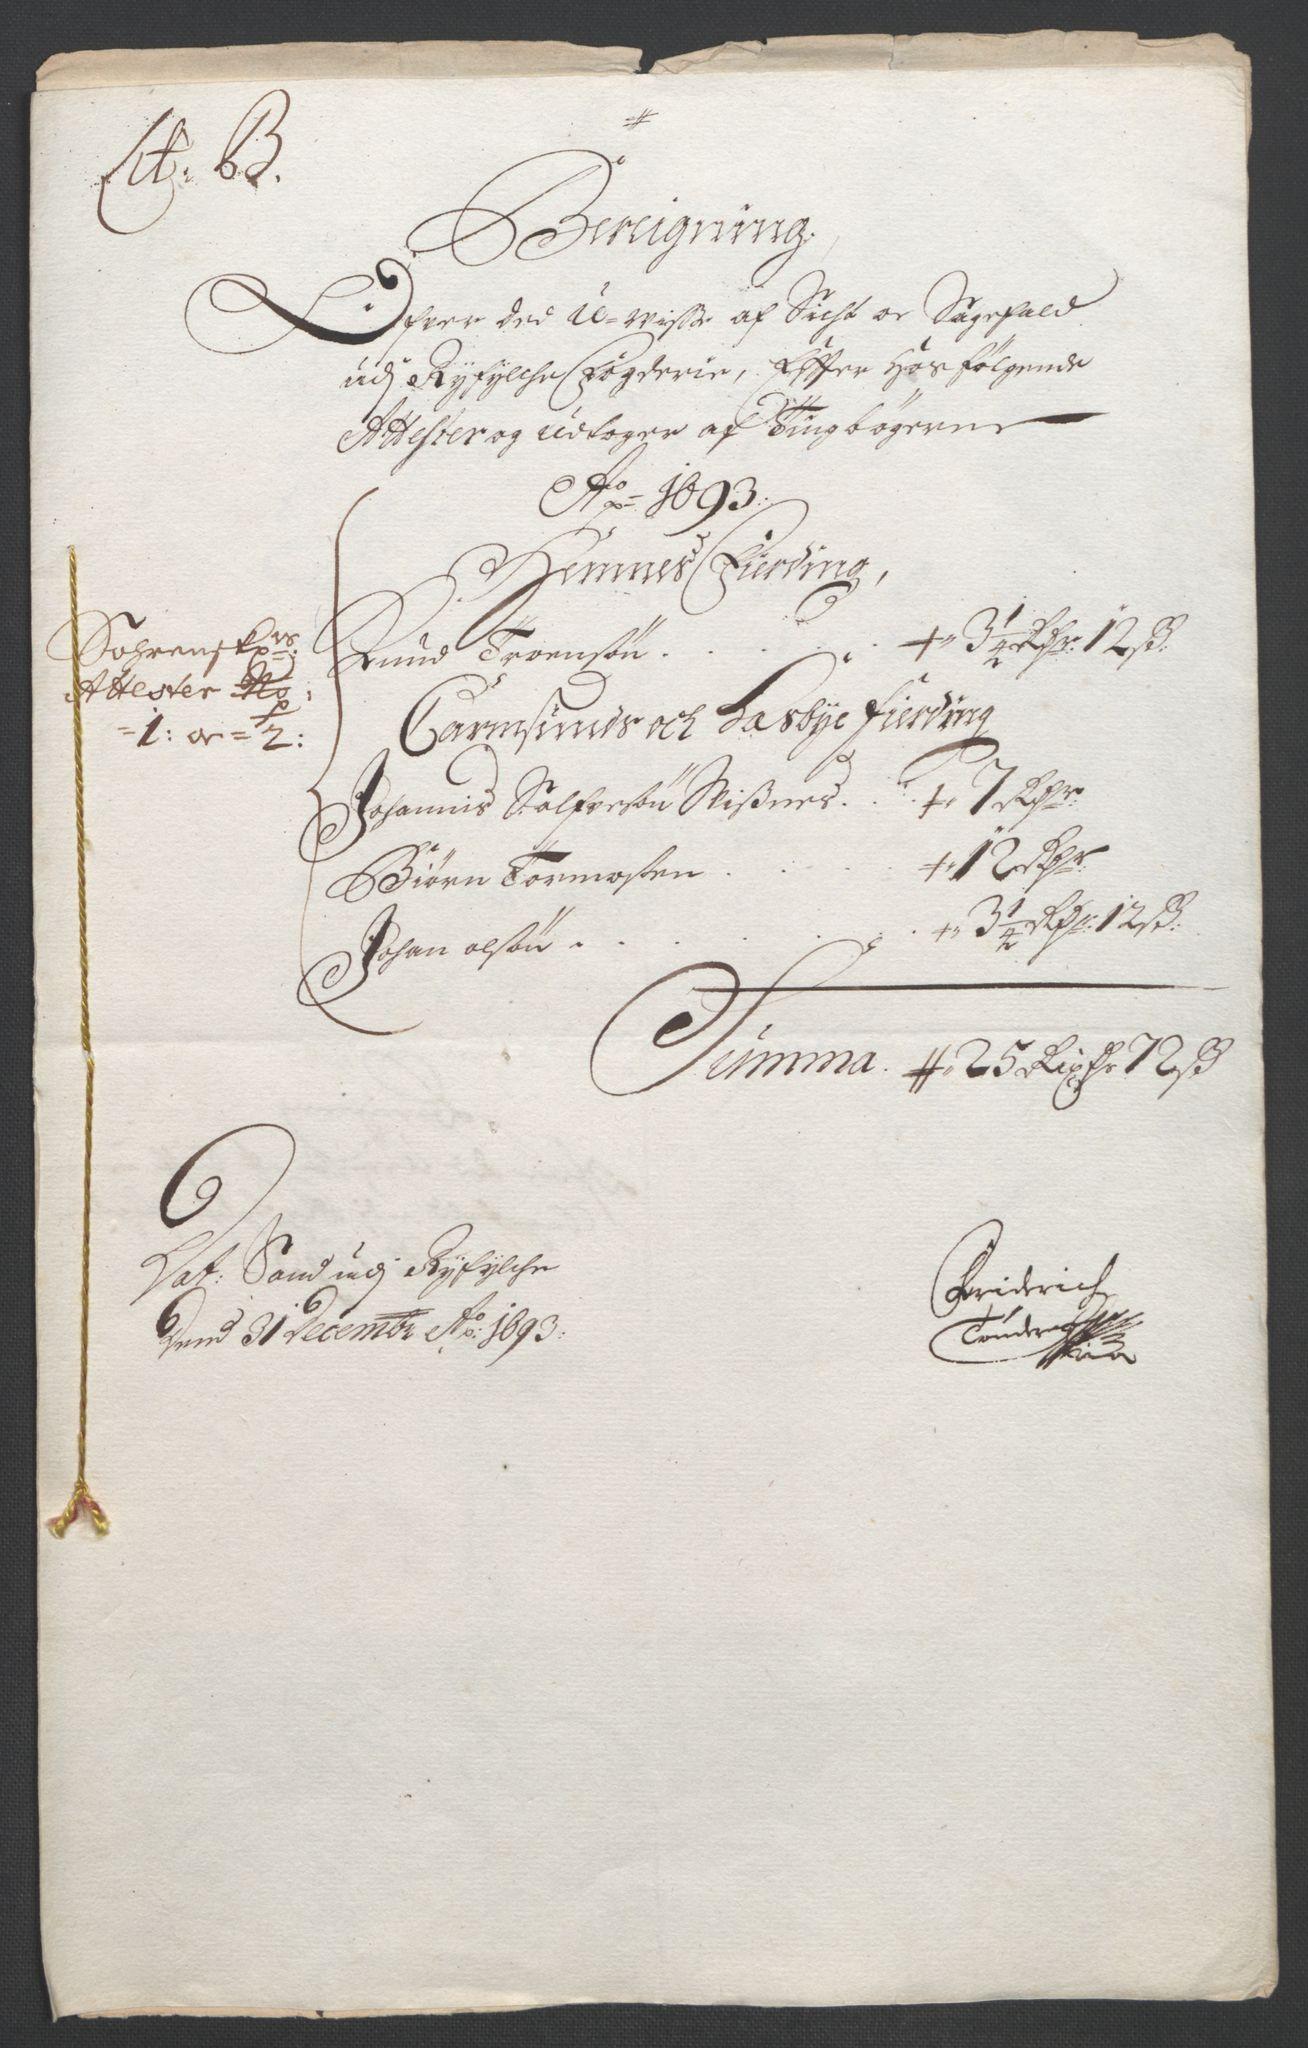 RA, Rentekammeret inntil 1814, Reviderte regnskaper, Fogderegnskap, R47/L2856: Fogderegnskap Ryfylke, 1689-1693, s. 605